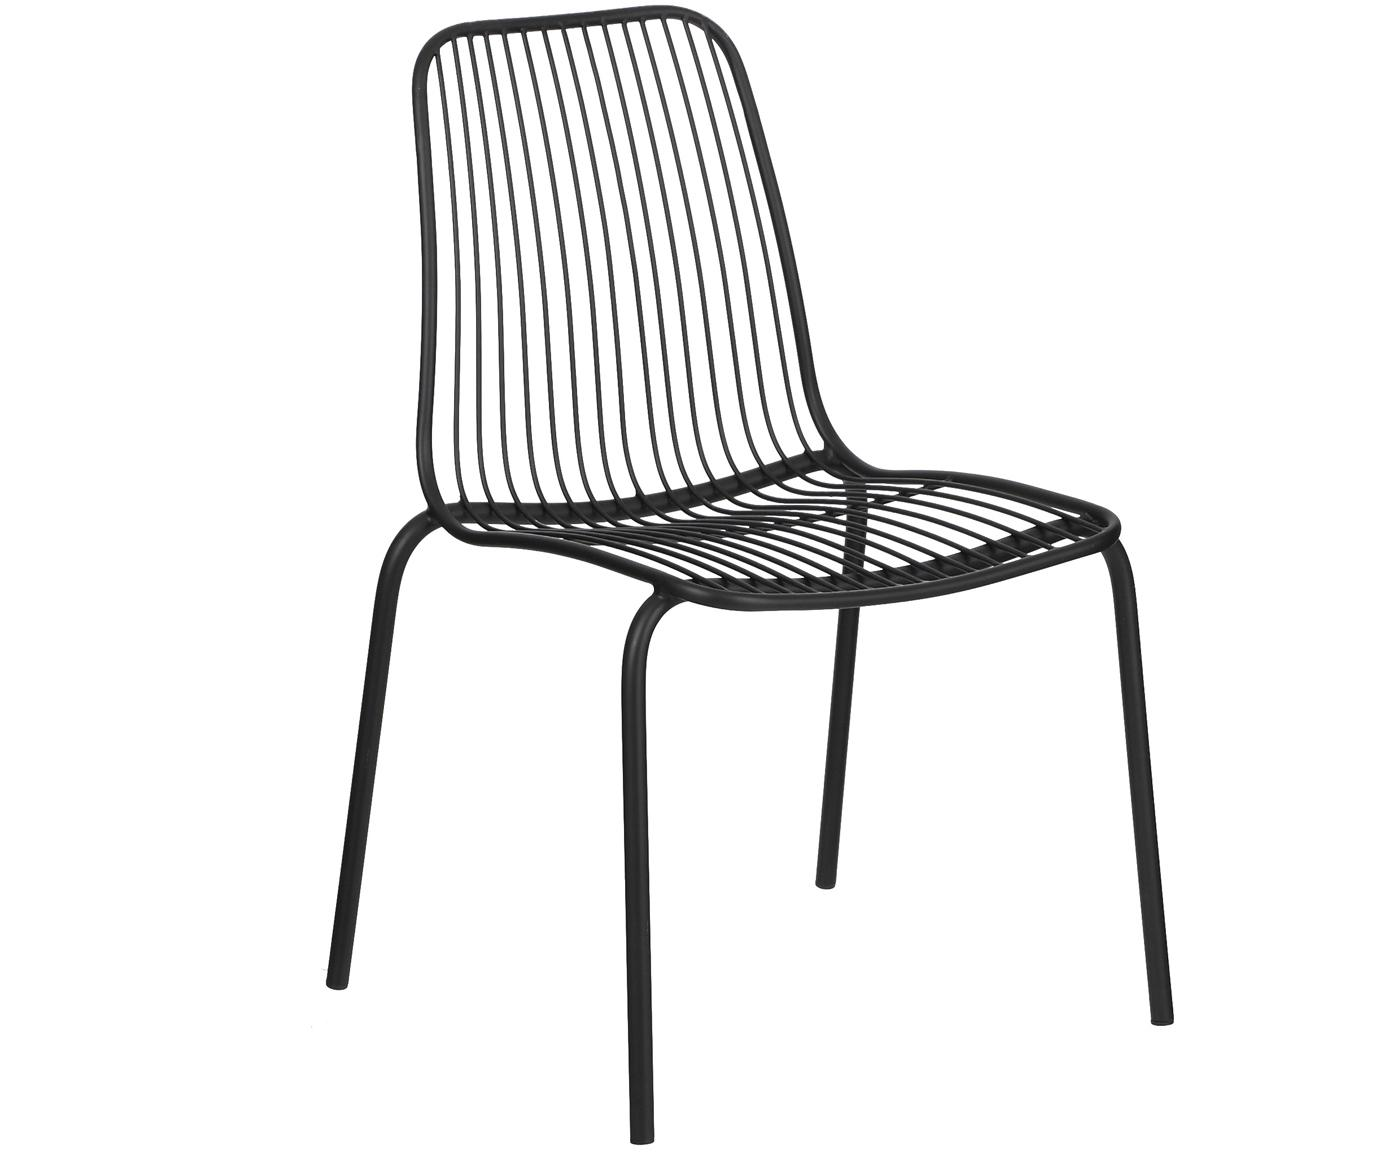 Sedia da giardino in metallo Tirana 2 pz, Metallo verniciato a polvere, Nero, Larg. 56 x Prof. 54 cm